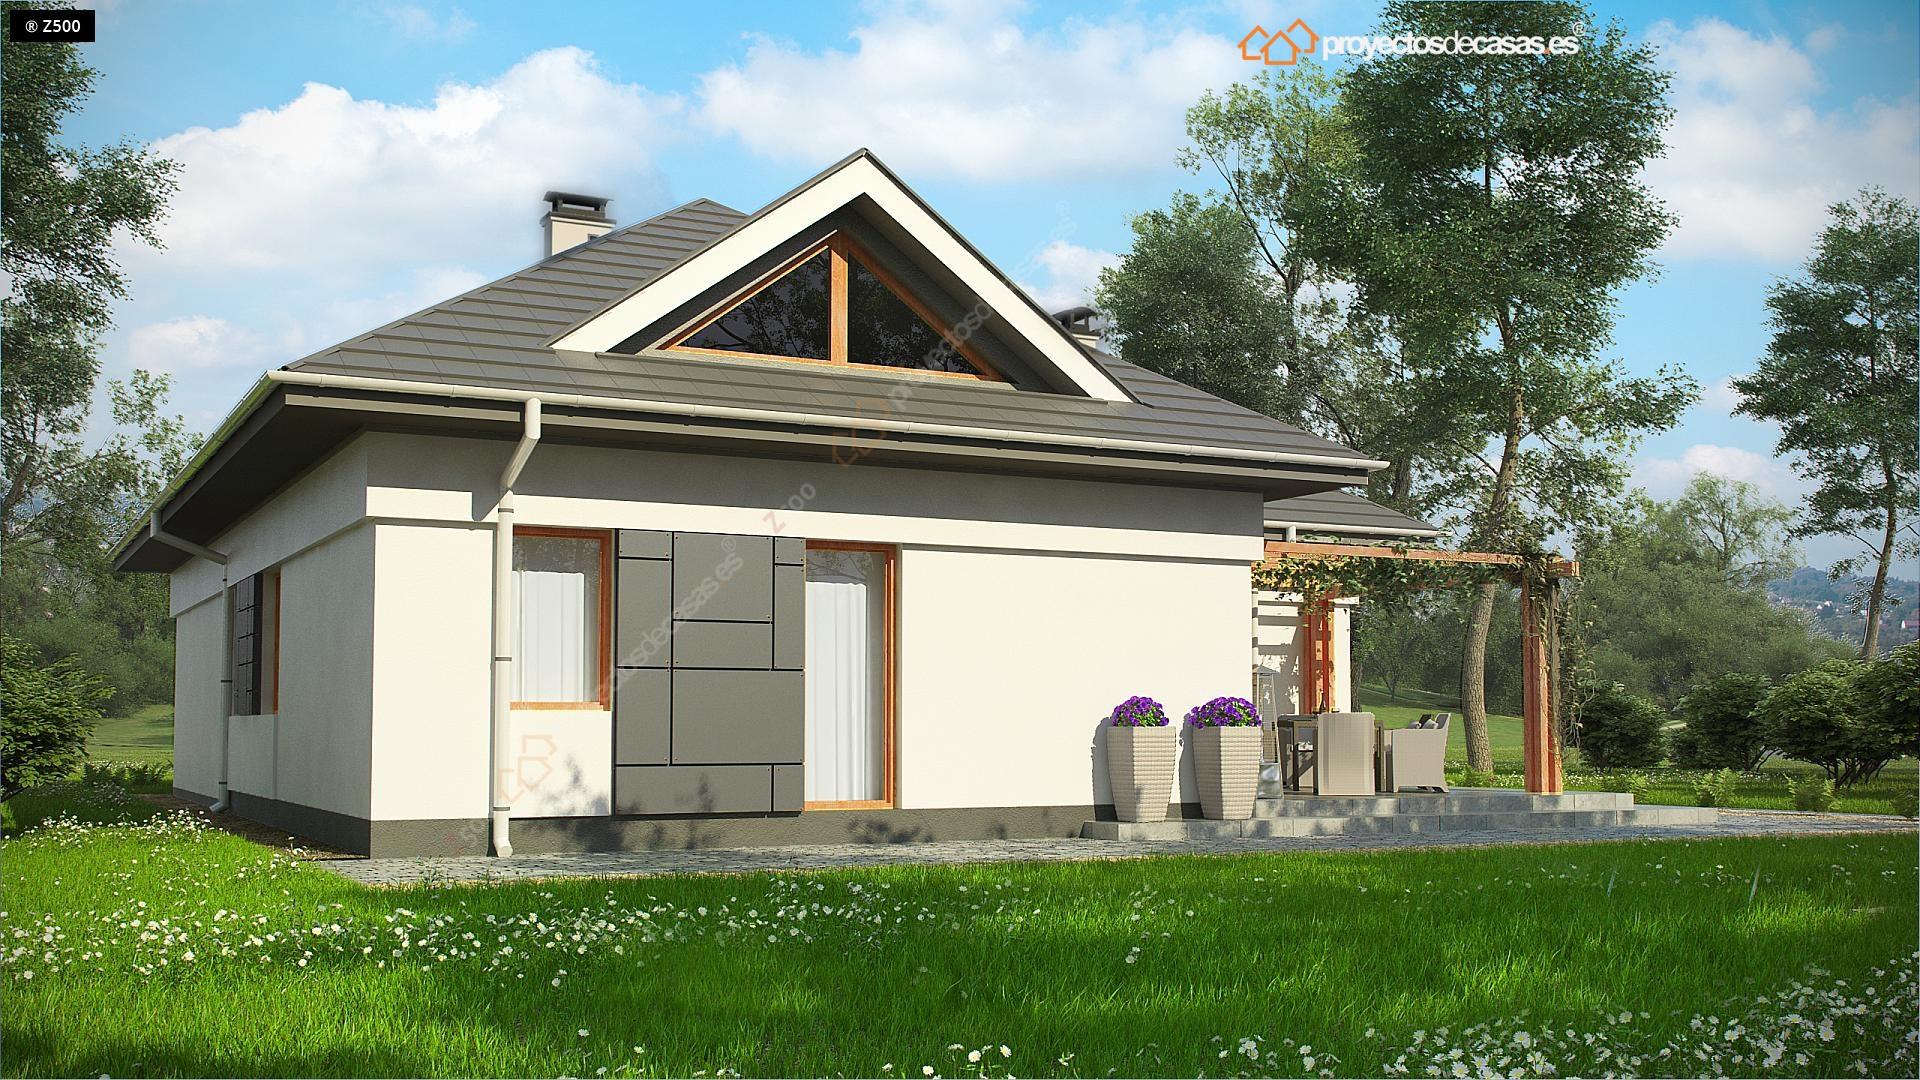 Proyectos de casas casa tradicional proyectosdecasas - Casas con buhardilla ...